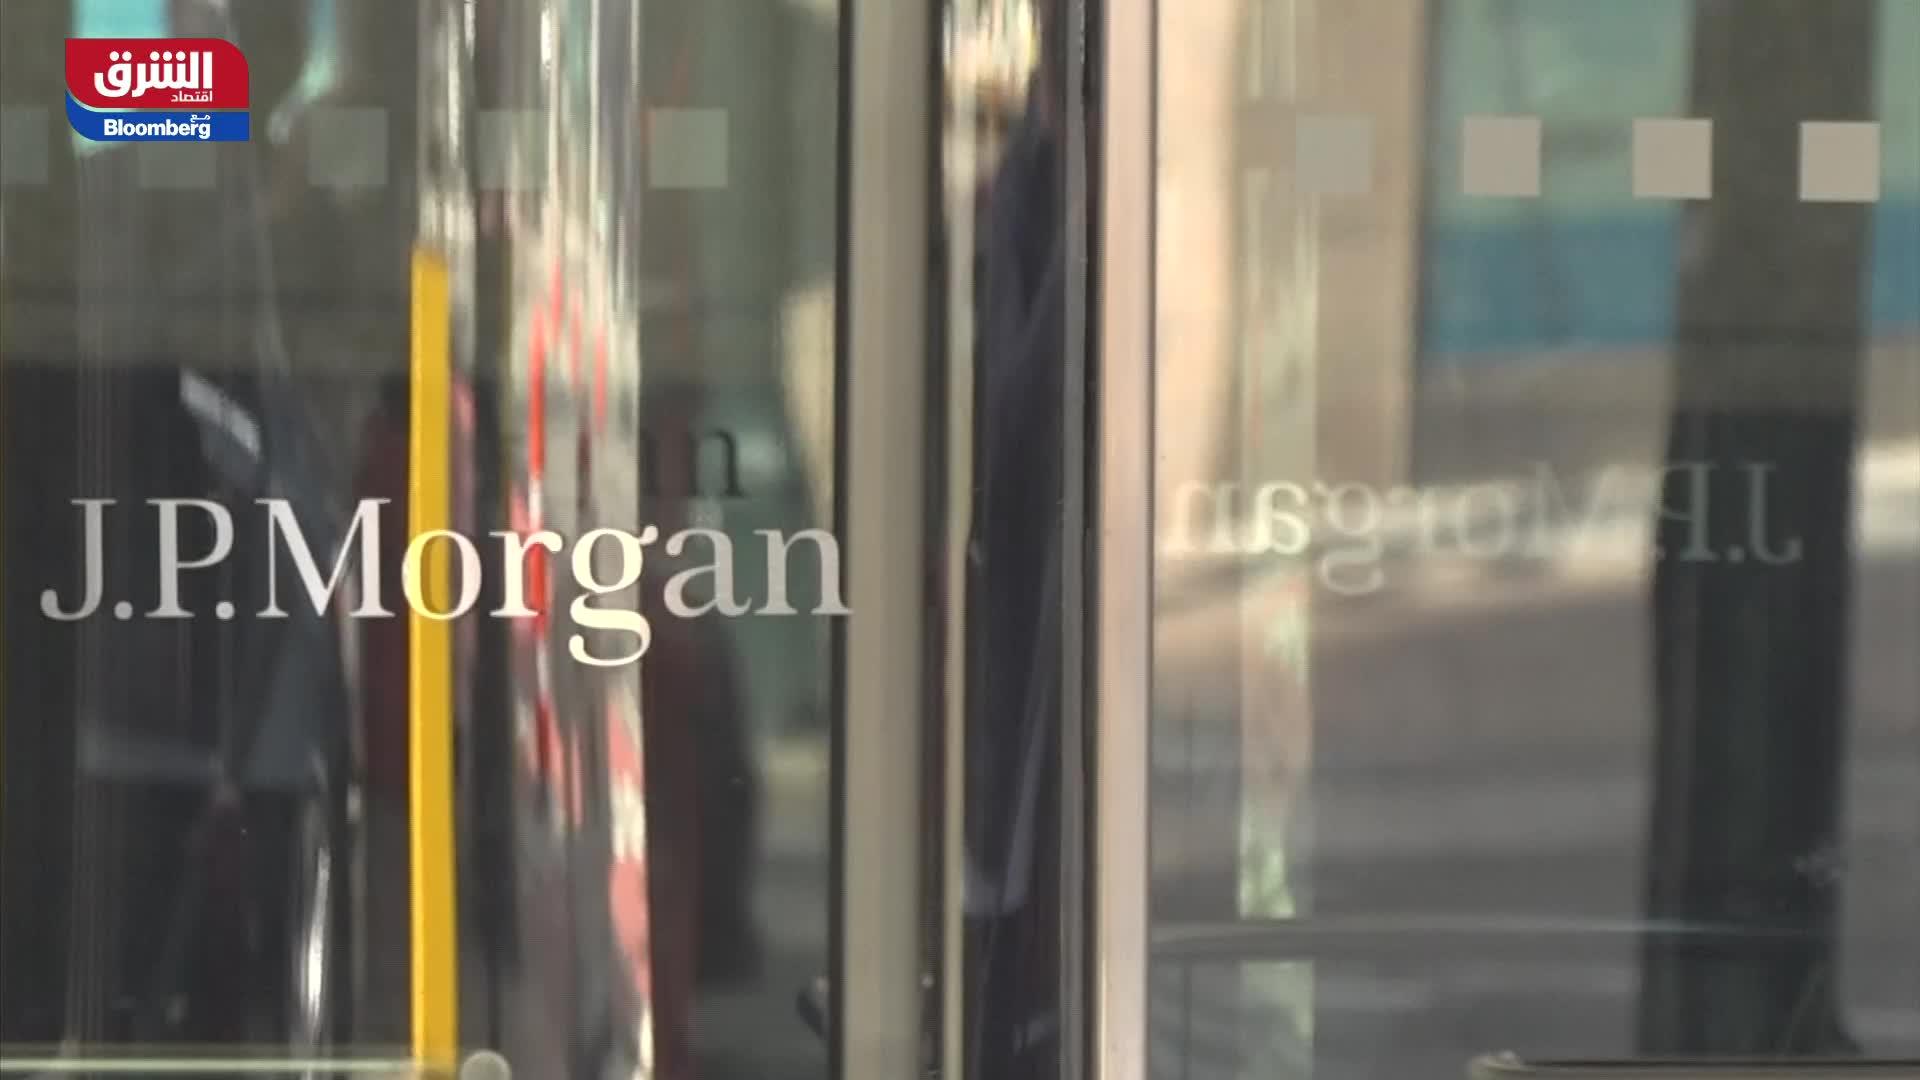 """توقعات """"جي بي مورغان"""" متشائمة بشأن ربحية وحدة التداول لديها"""